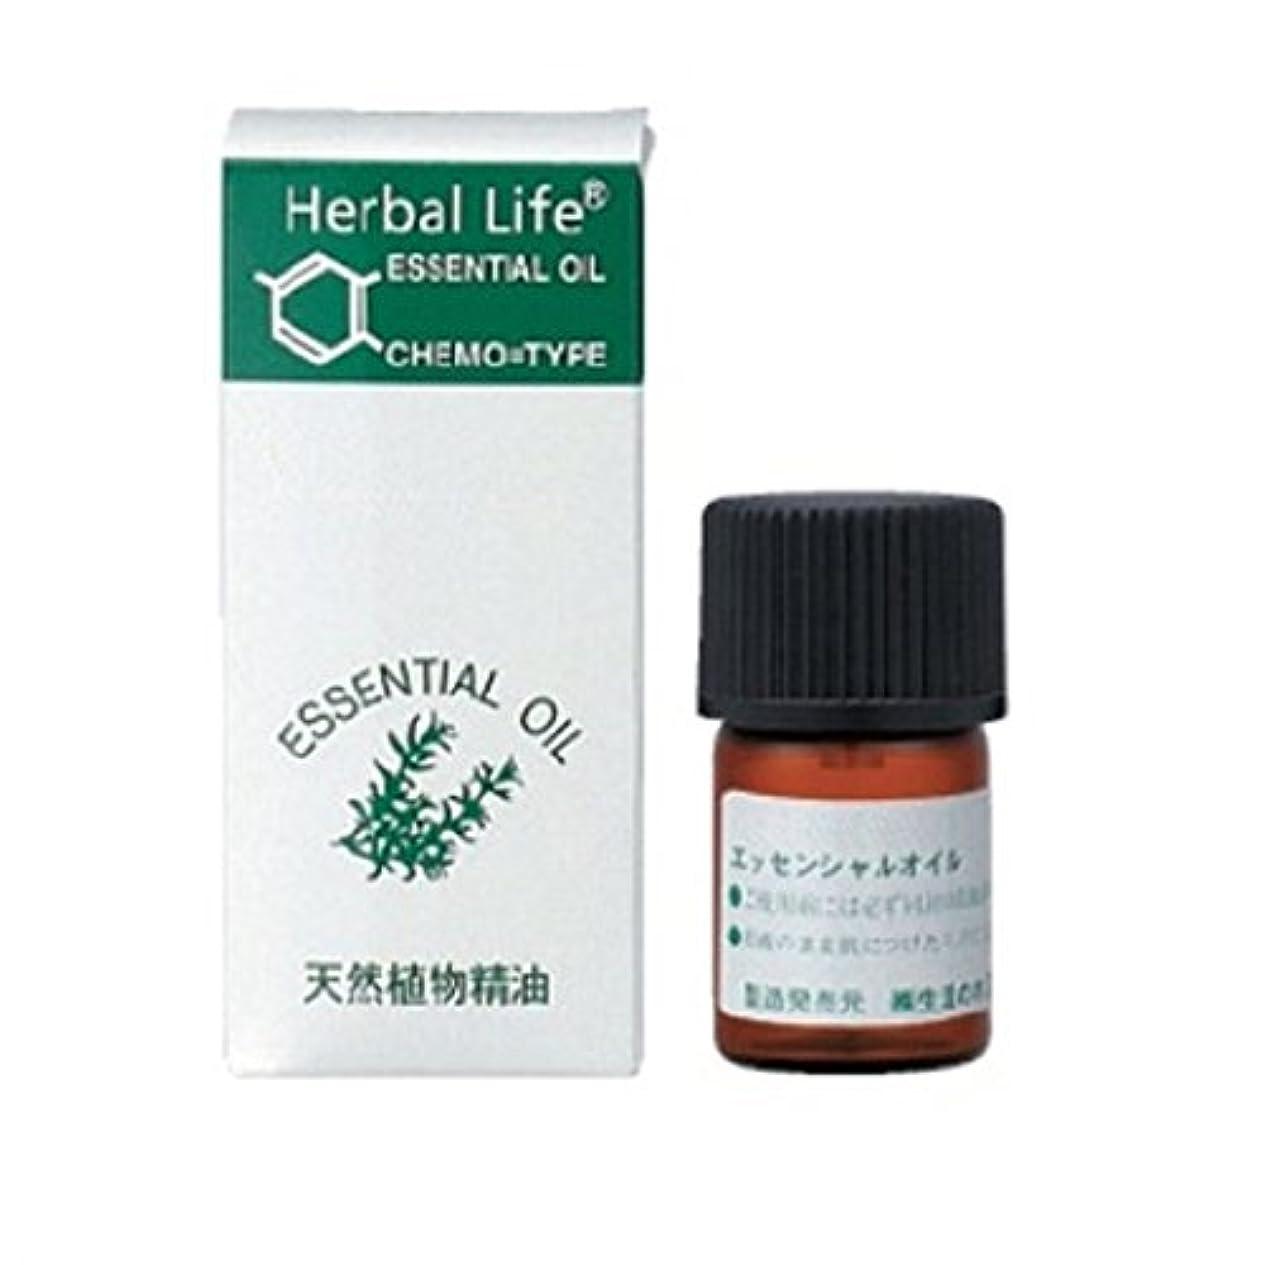 生活の木 エッセンシャルオイル ブラックペパー 3ml 08-449-3110